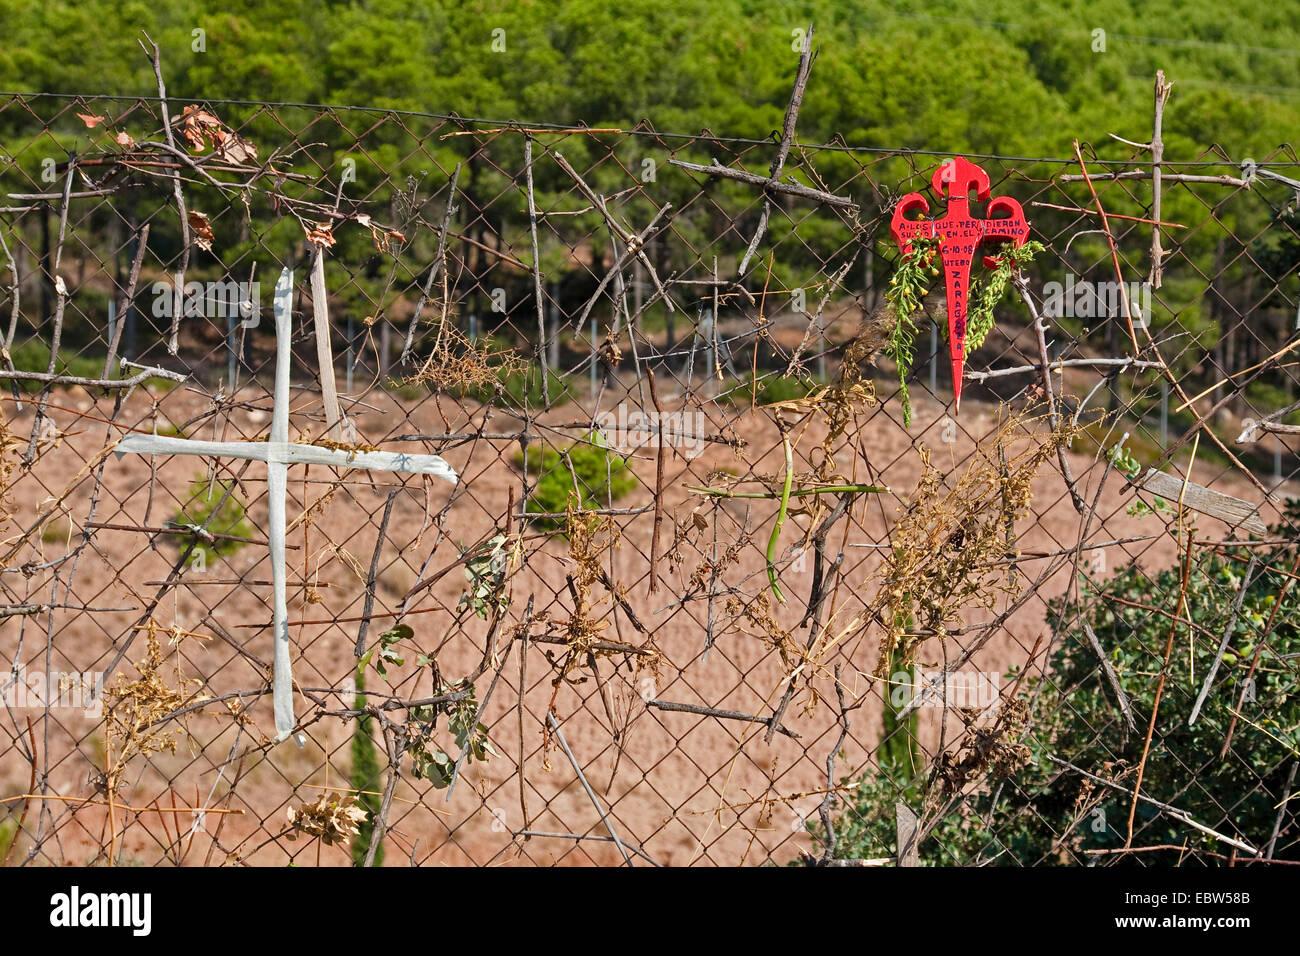 Kreuze ein Netz geflochten Draht Zaun am Jakobsweg zwischen Logro o ...